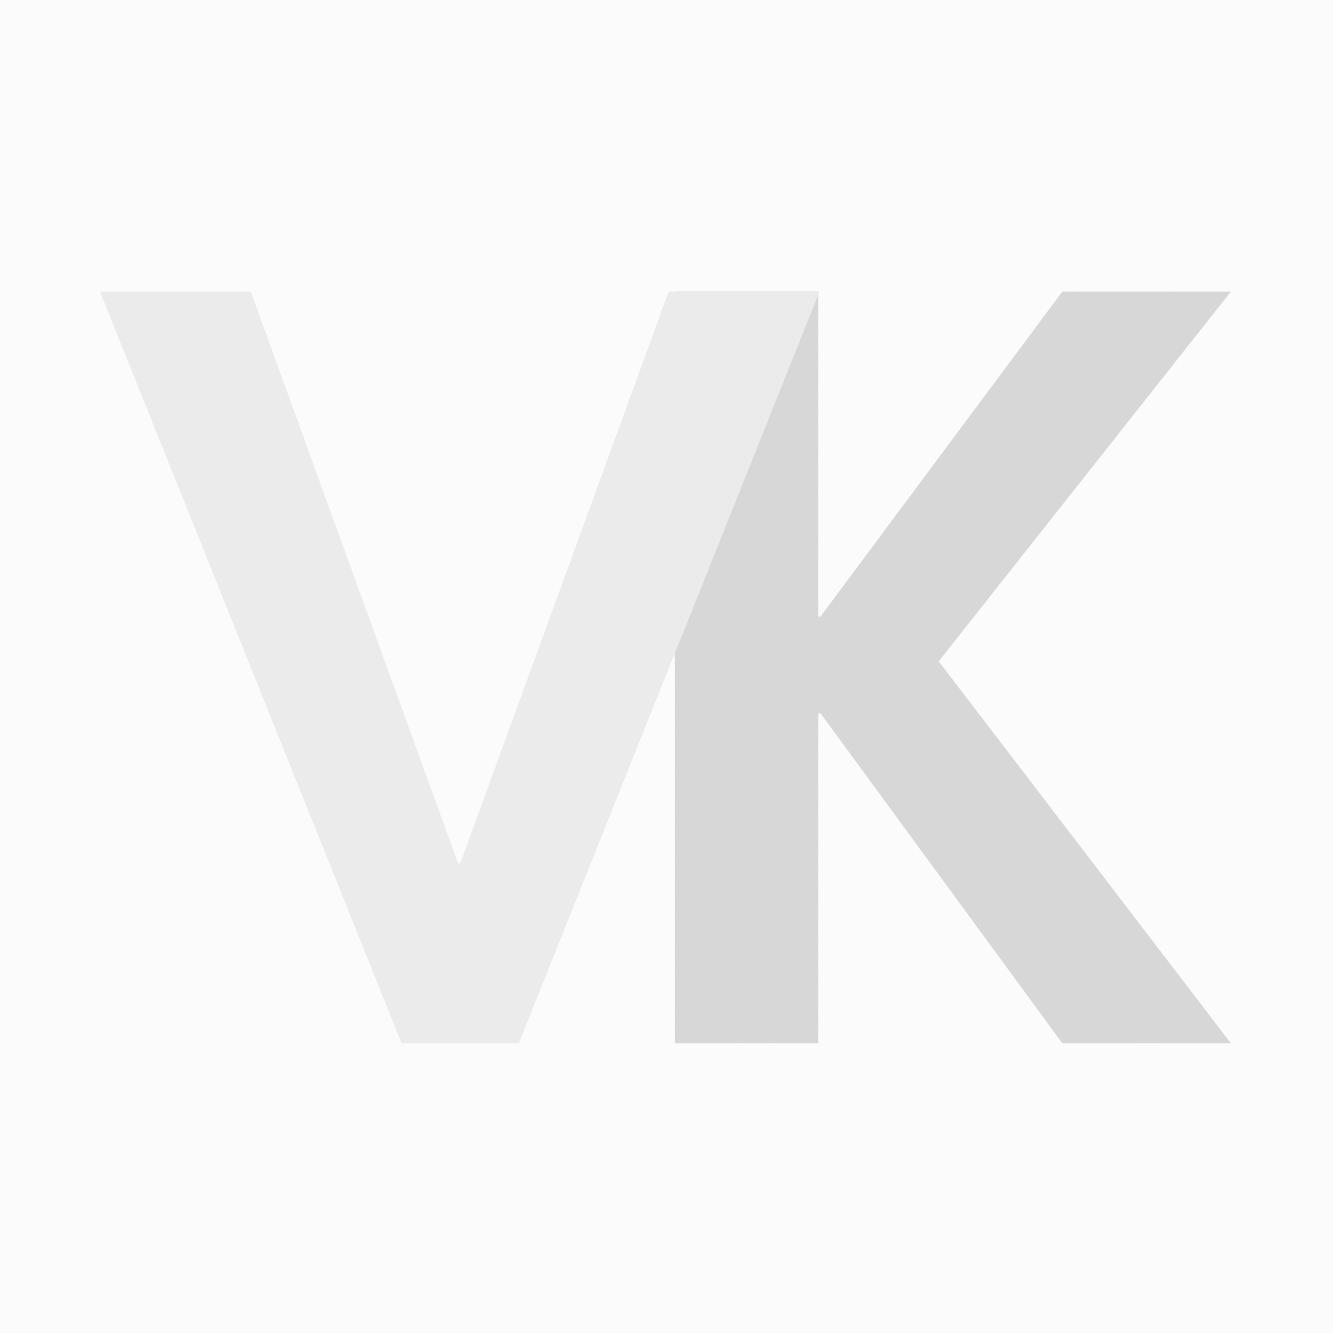 Kyone 790 Kappersschaar 5.5